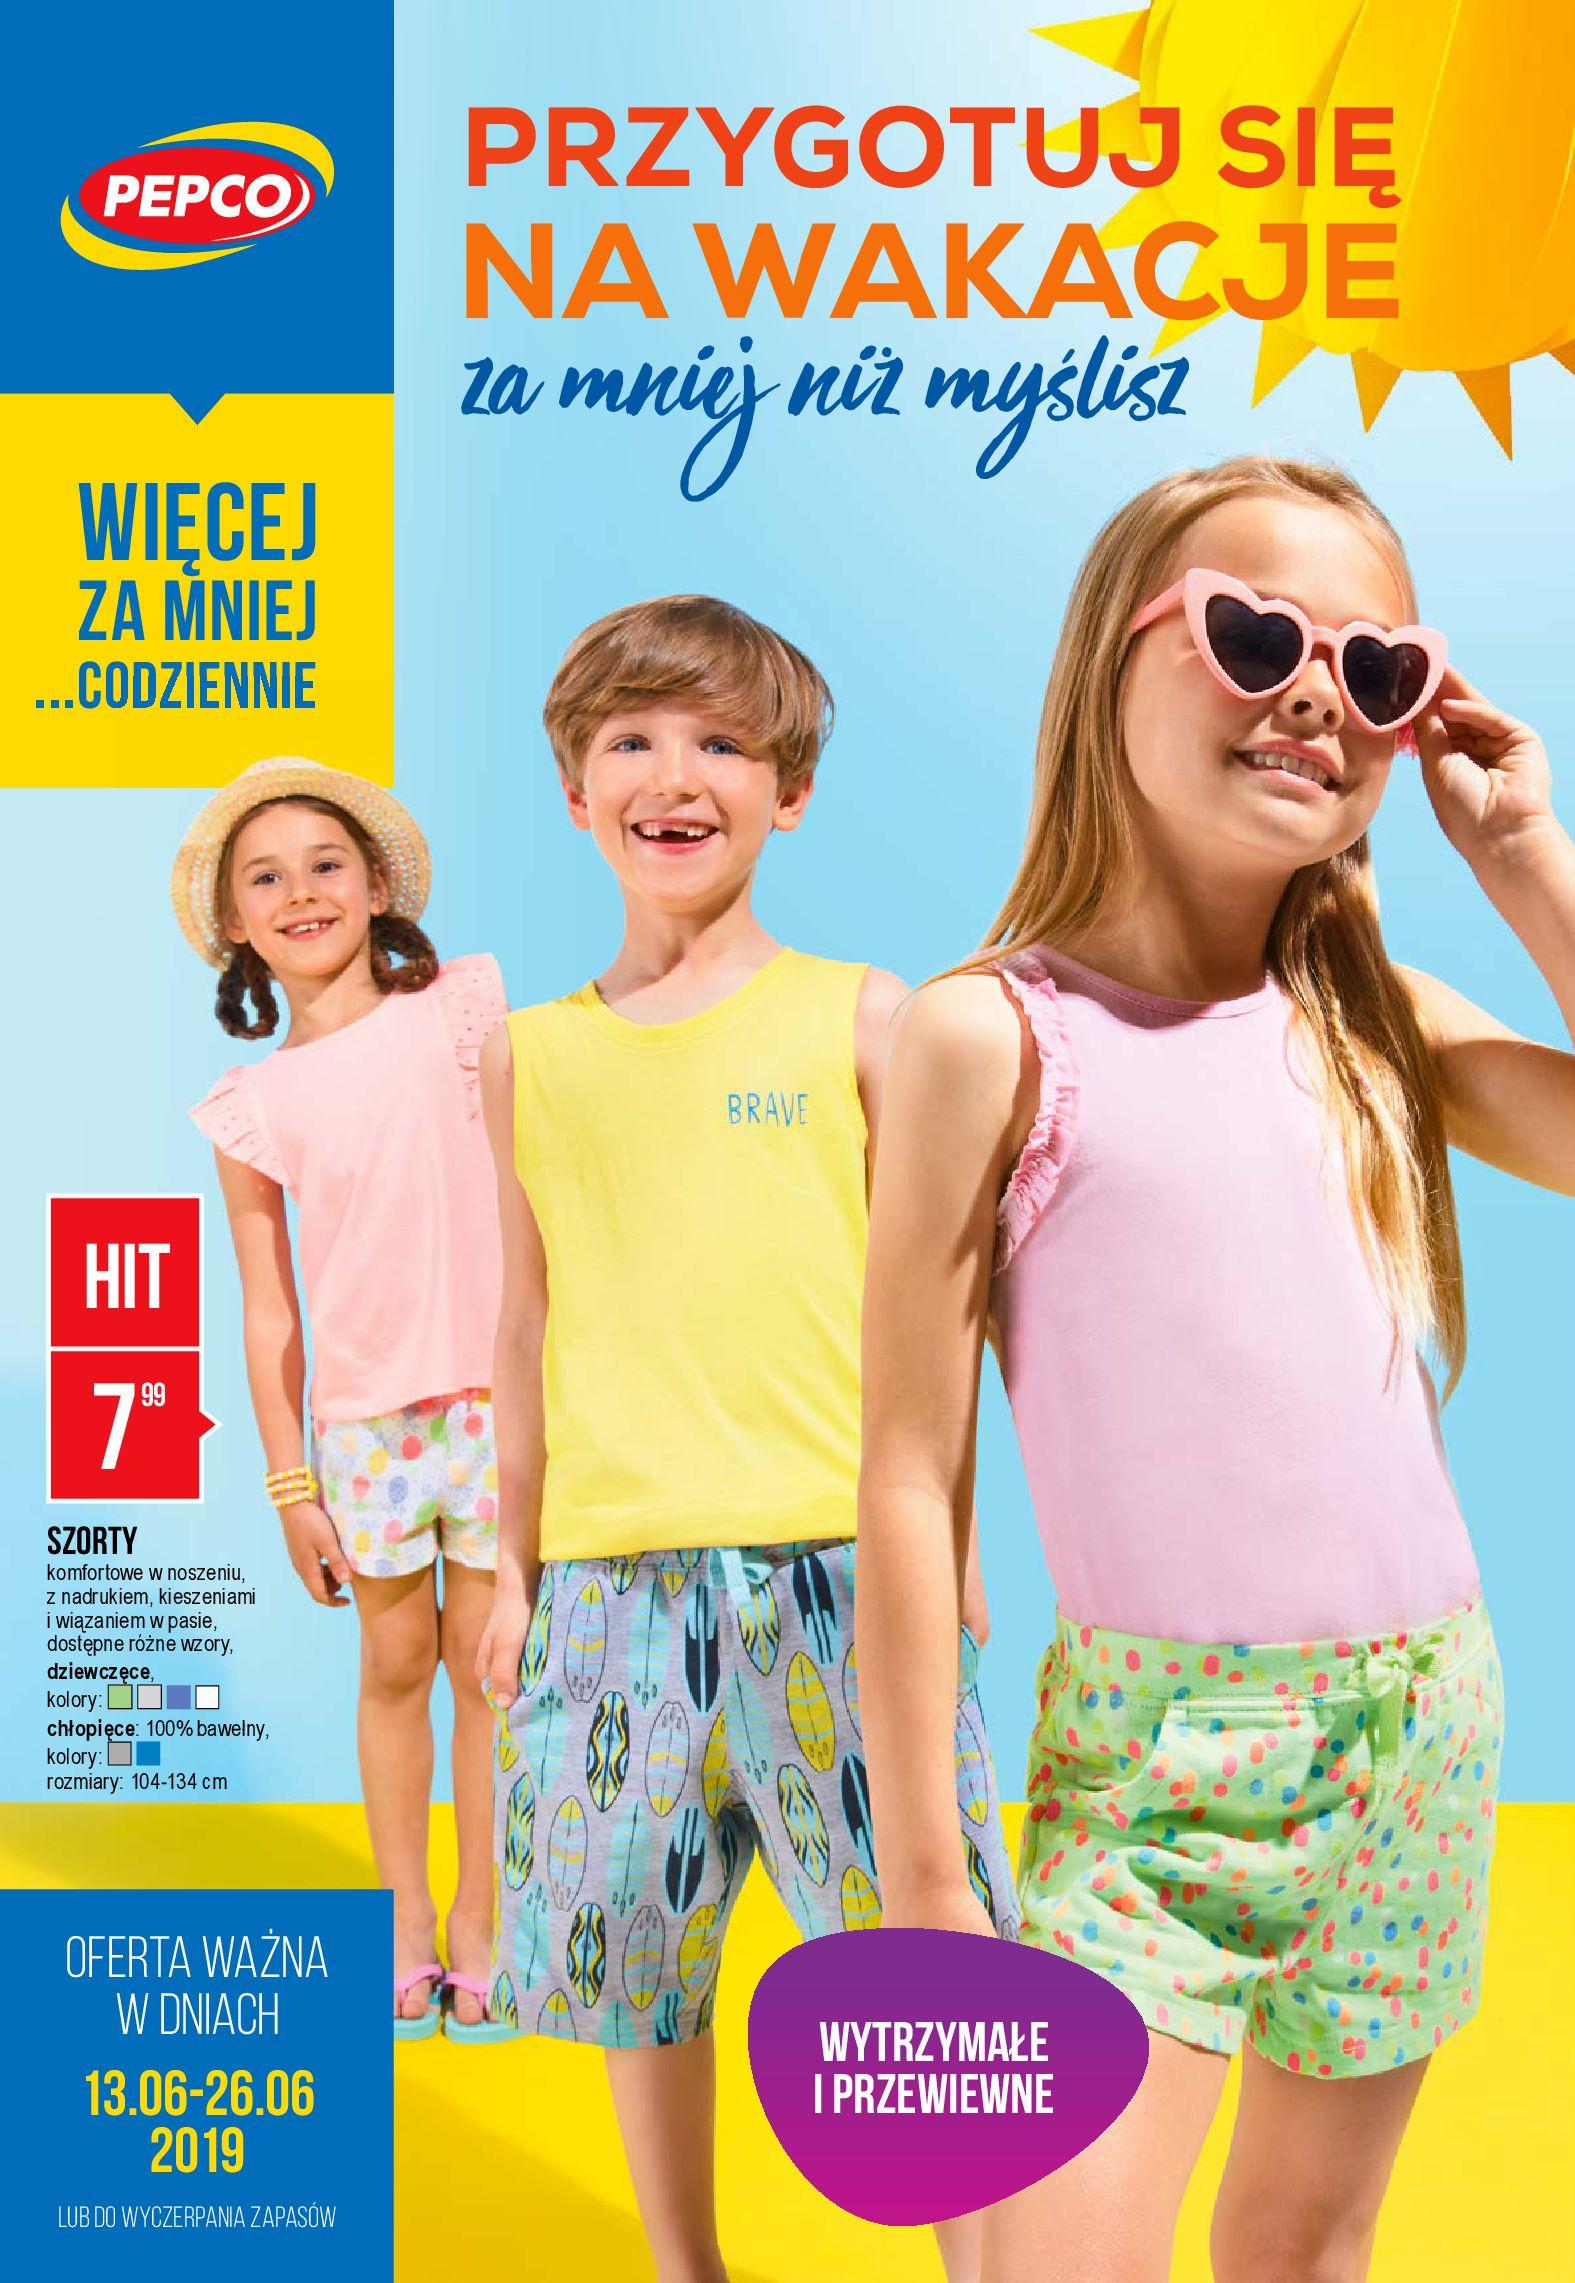 Gazetka Pepco - Przygotuj się na wakacje za mniej niż myślisz-12.06.2019-26.06.2019-page-